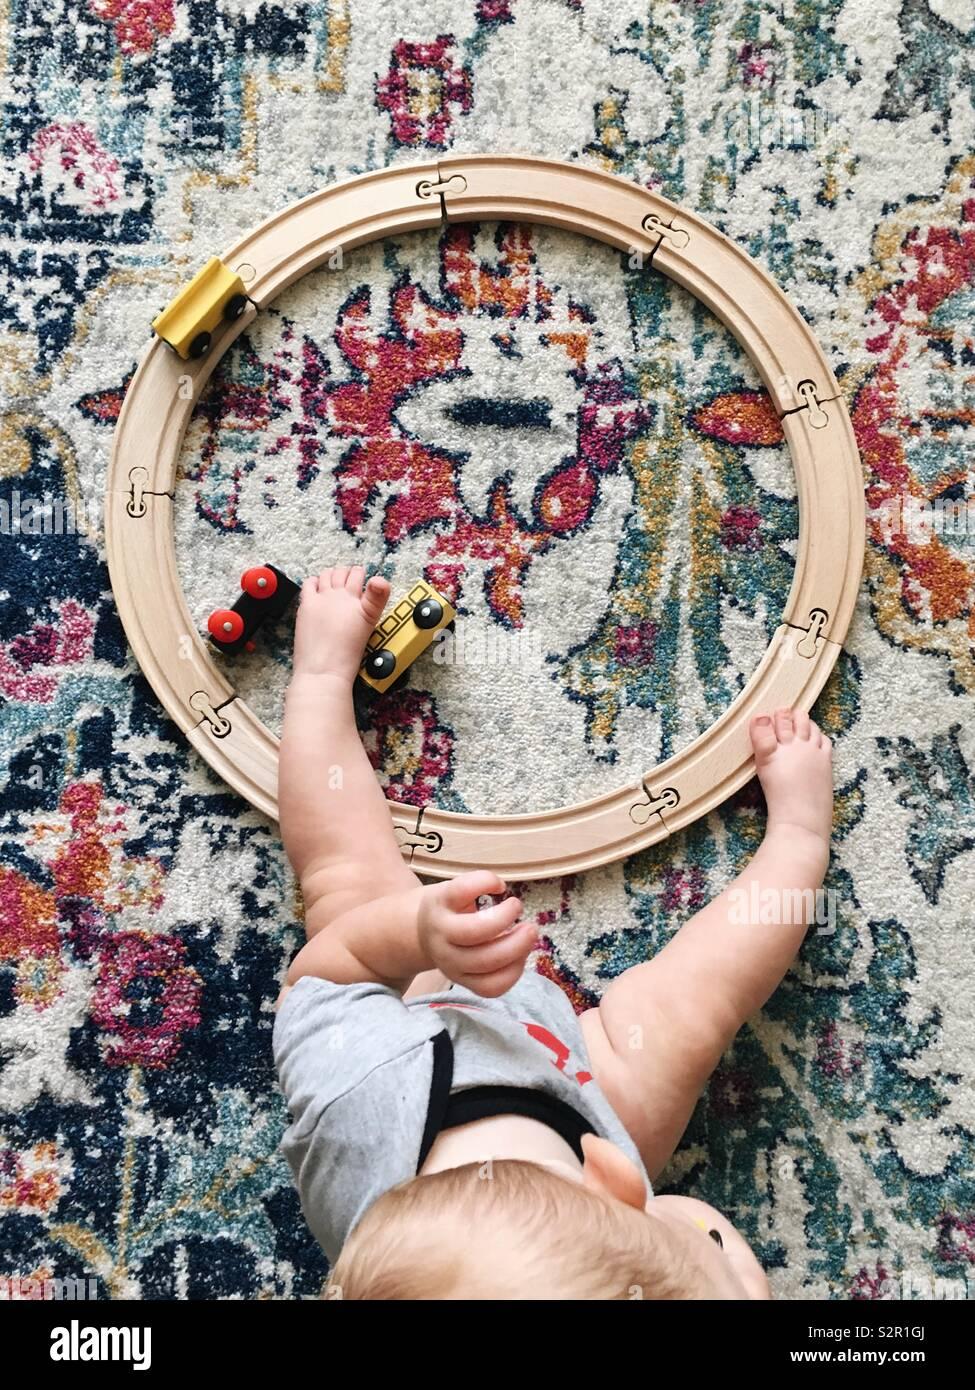 Ansicht von oben von einem kleinen Kreis Spielzeugeisenbahn Spur und Züge auf einem bunten Teppich mit den Beinen des Babys über den Track. Stockfoto